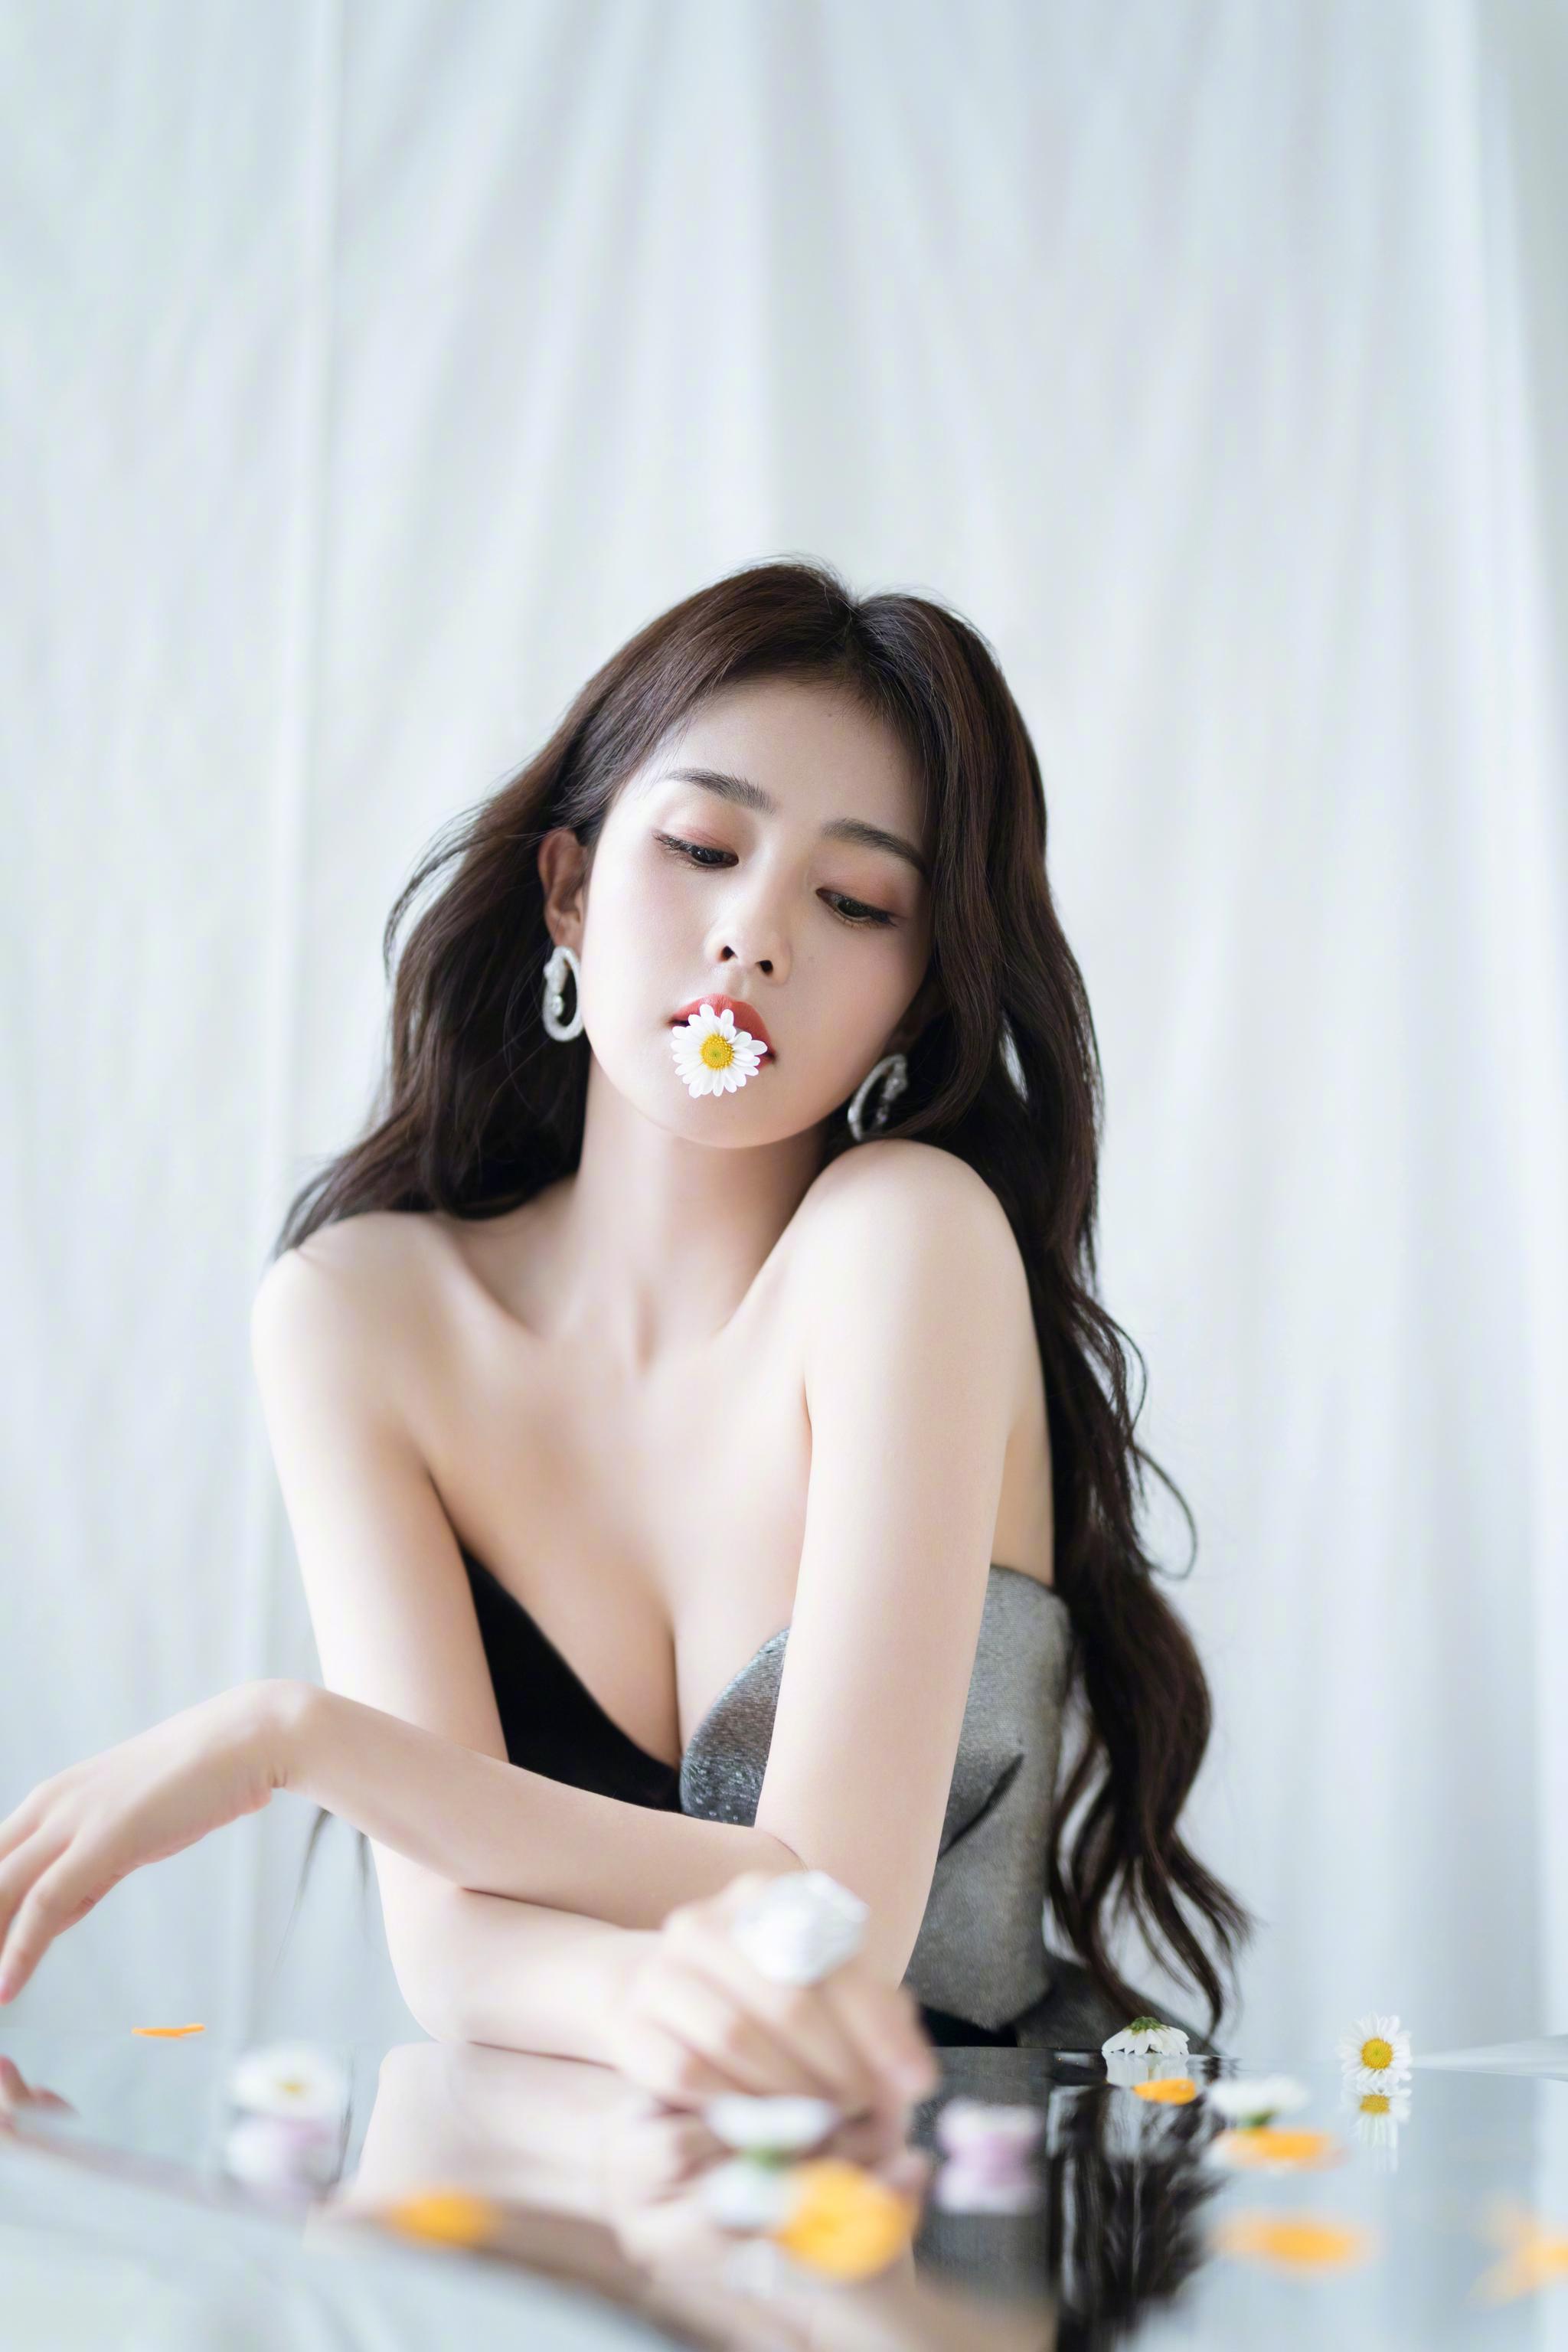 演员@白鹿my 在绿洲发布一组时尚大片,身着银黑色拼接长裙